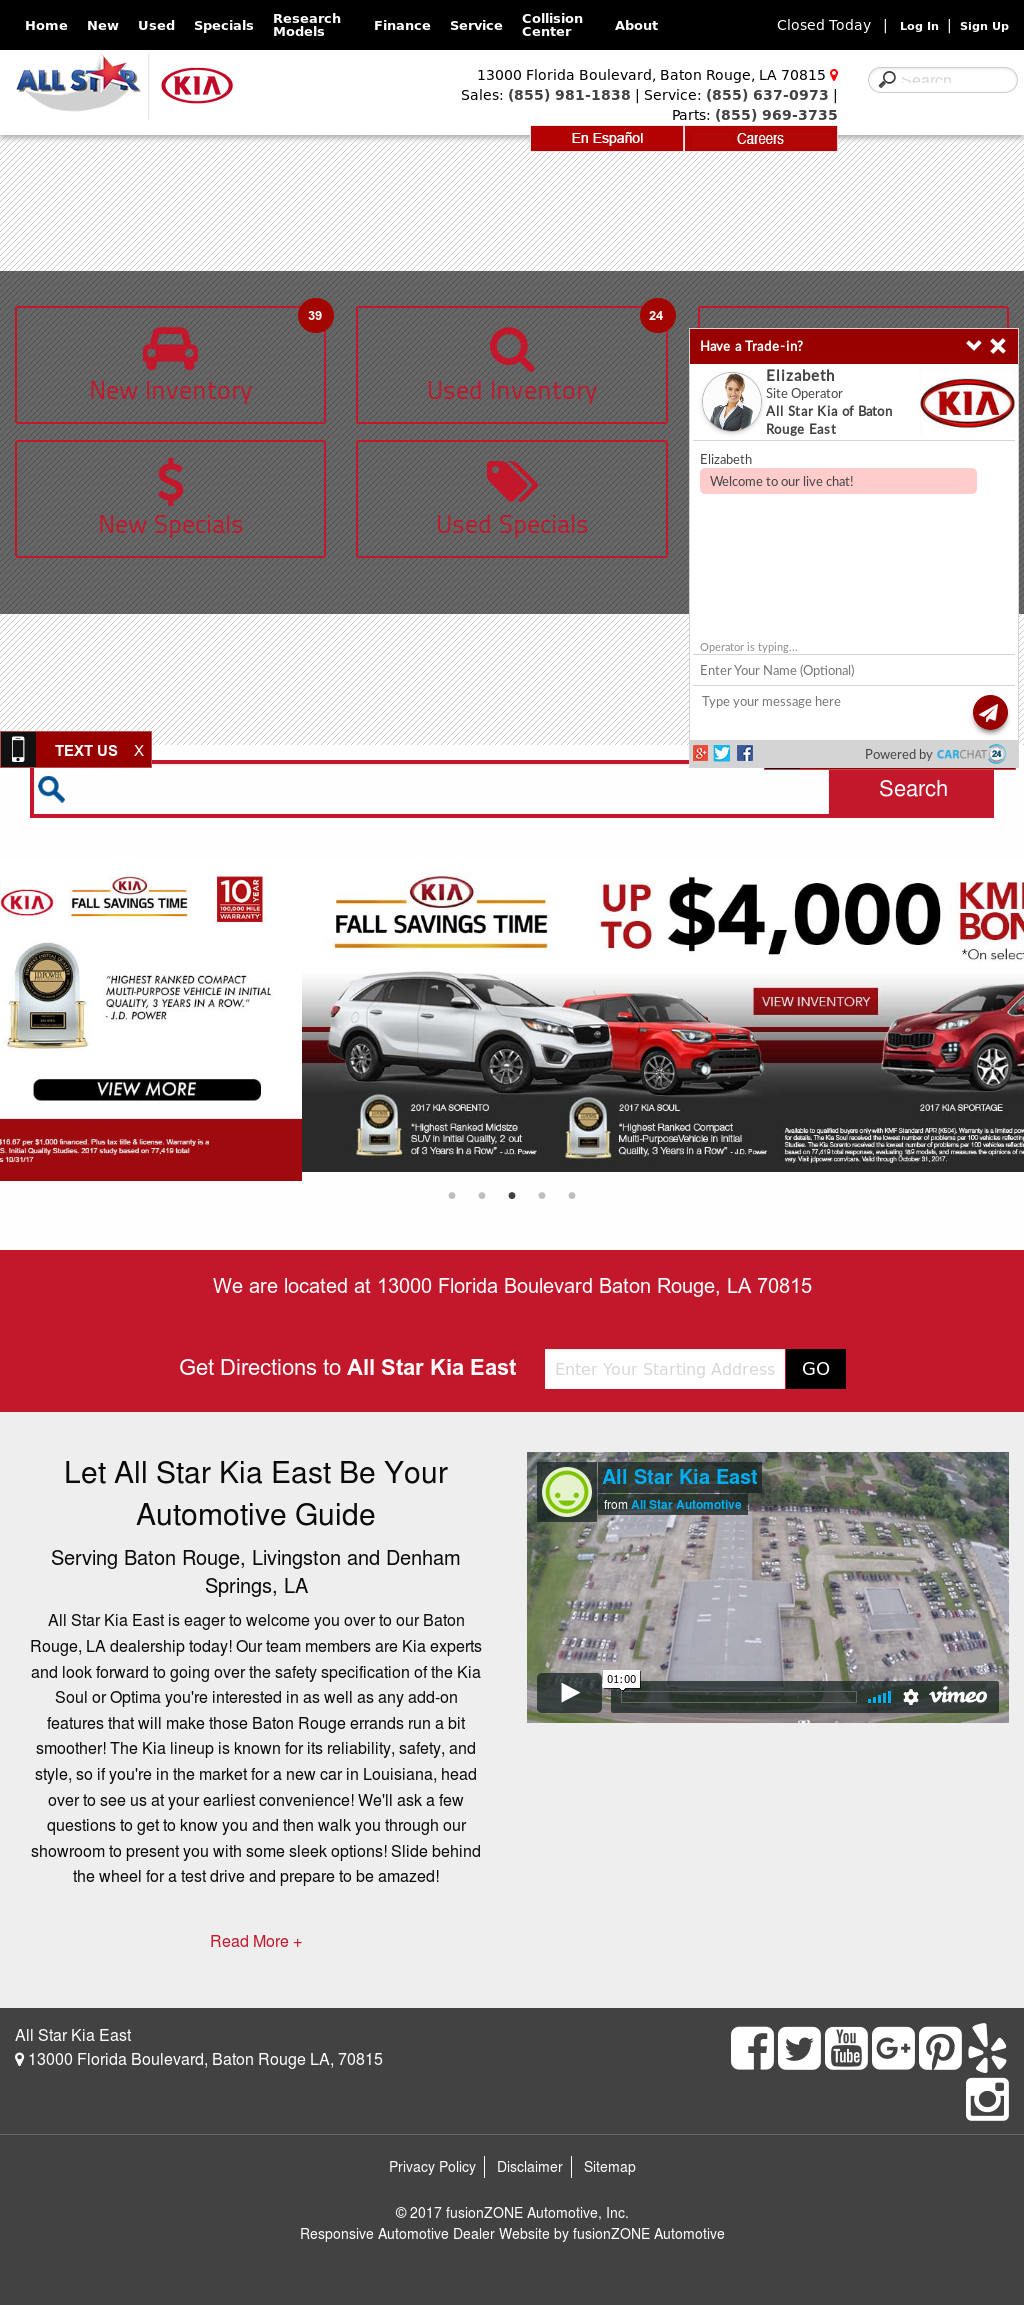 auctions rouge baton sale online lot soul salvage title of en cert in la kia silver copart left carfinder auto view on